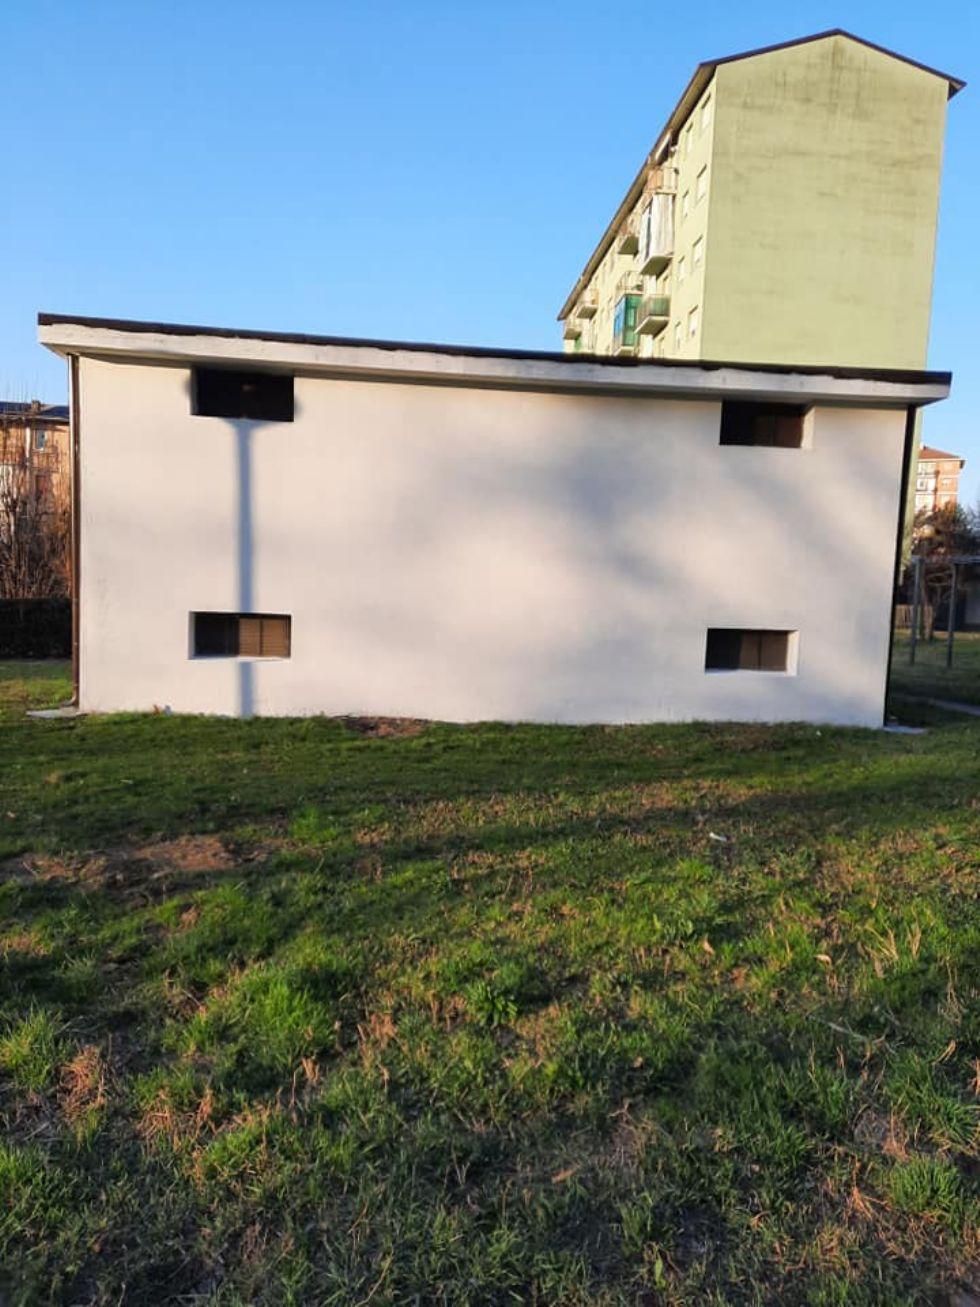 VENARIA - Degrado: al via la riqualificazione delle torrette Enel, da tempo in mano ai vandali